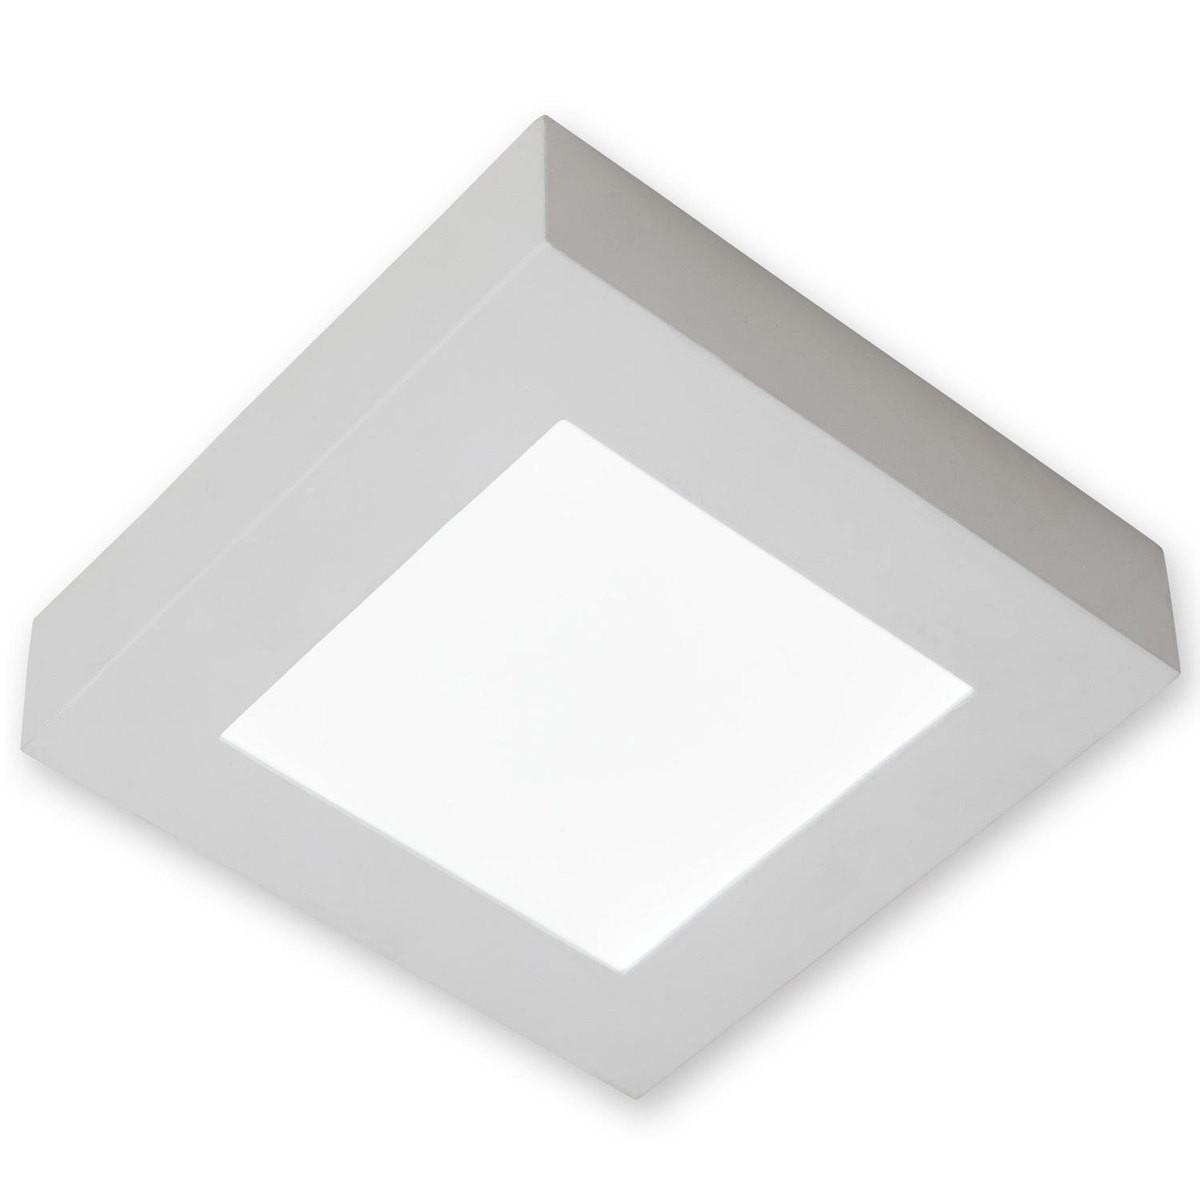 Luminárias plafon LED 12w Quadrado De Sobrepor Teto - Luz Branca Neutra